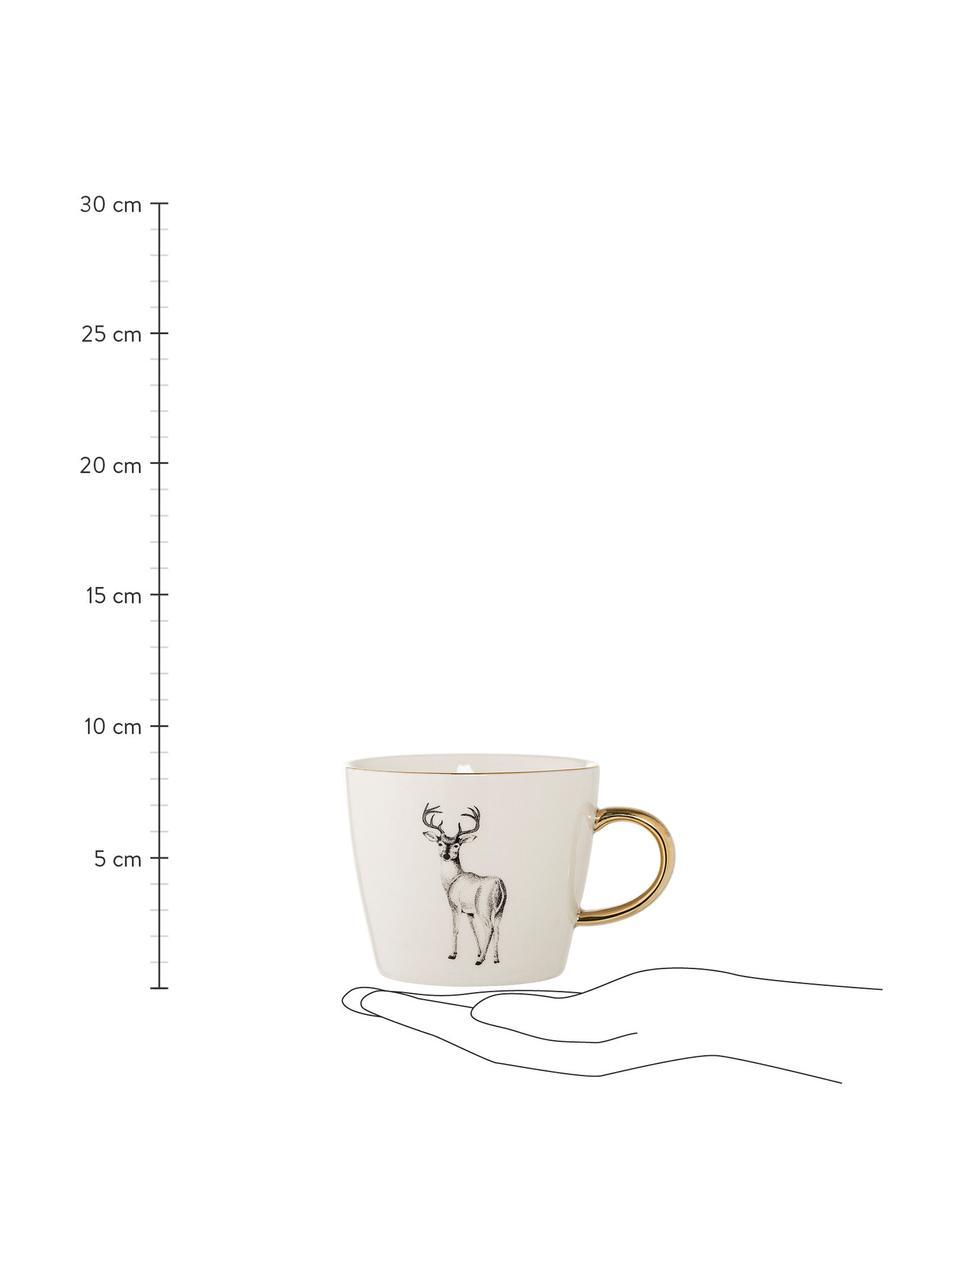 Tasse à café en grès pour hiver Noel, 2 élém., Blanc, noir, couleur dorée